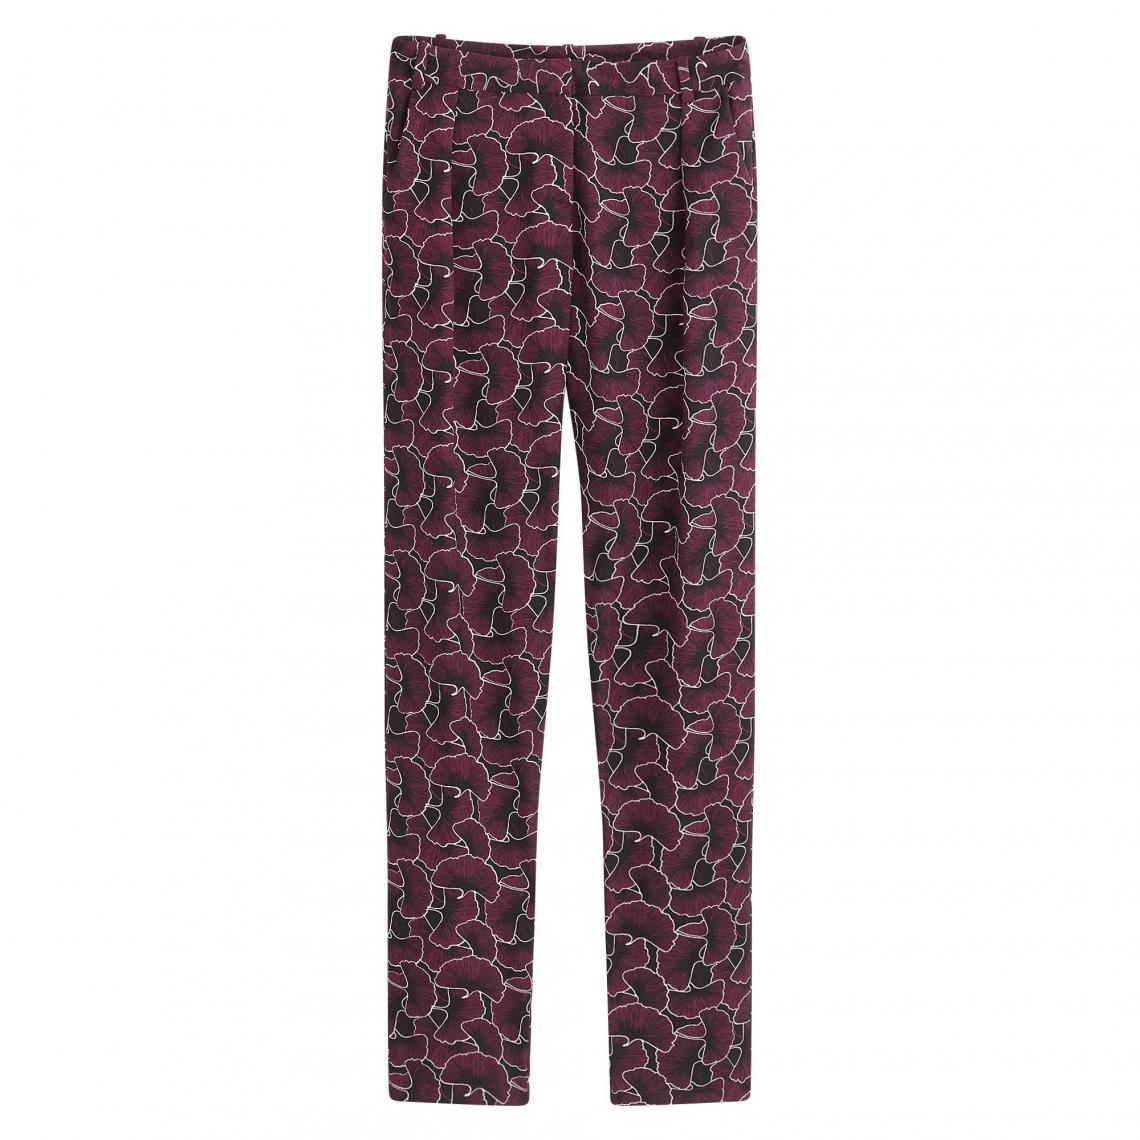 Pantalon Fluide Imprime Femme 3 Suisses Collection Imprime Fleurs